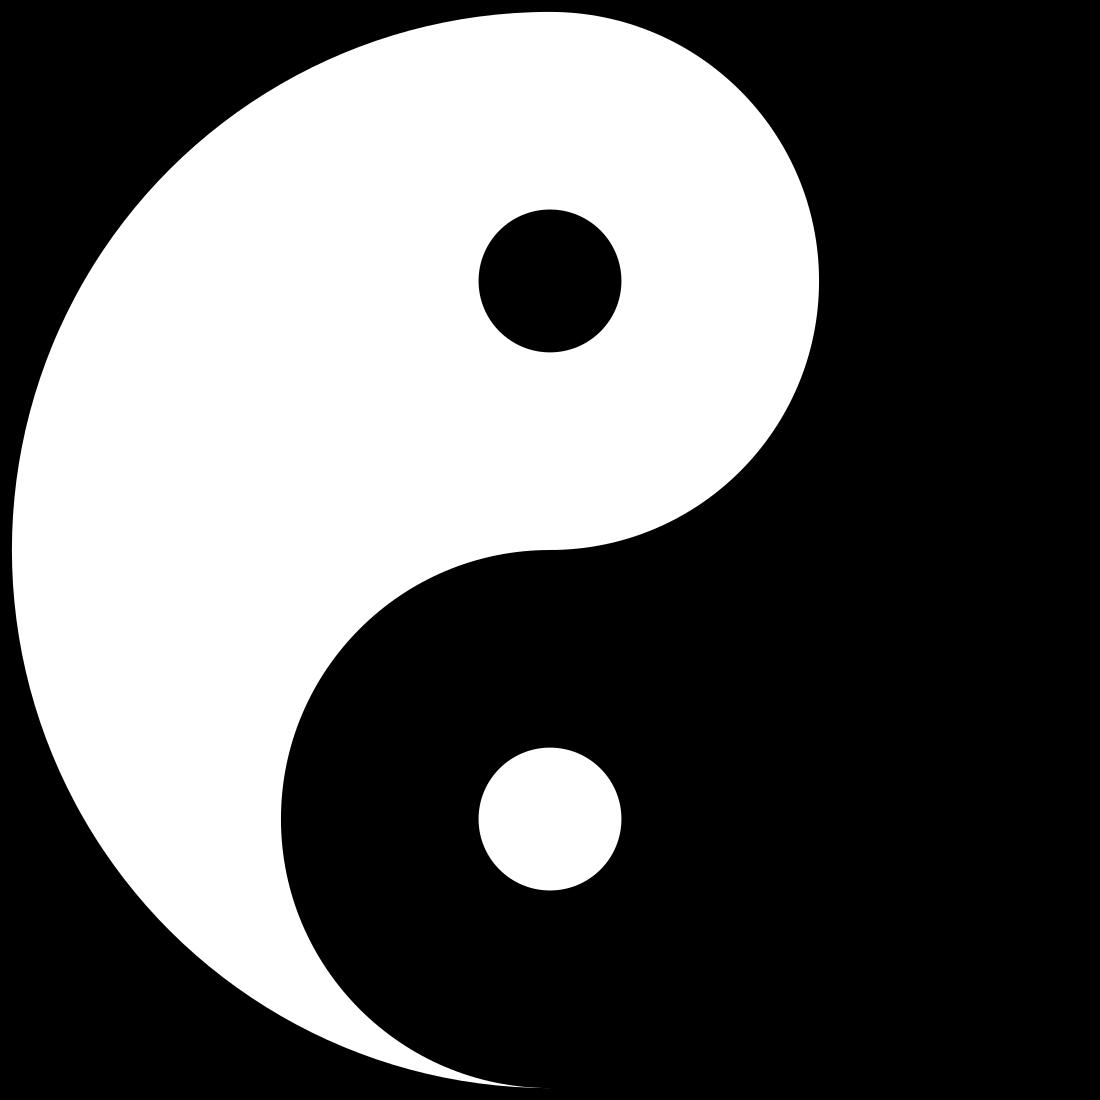 Yin yang.